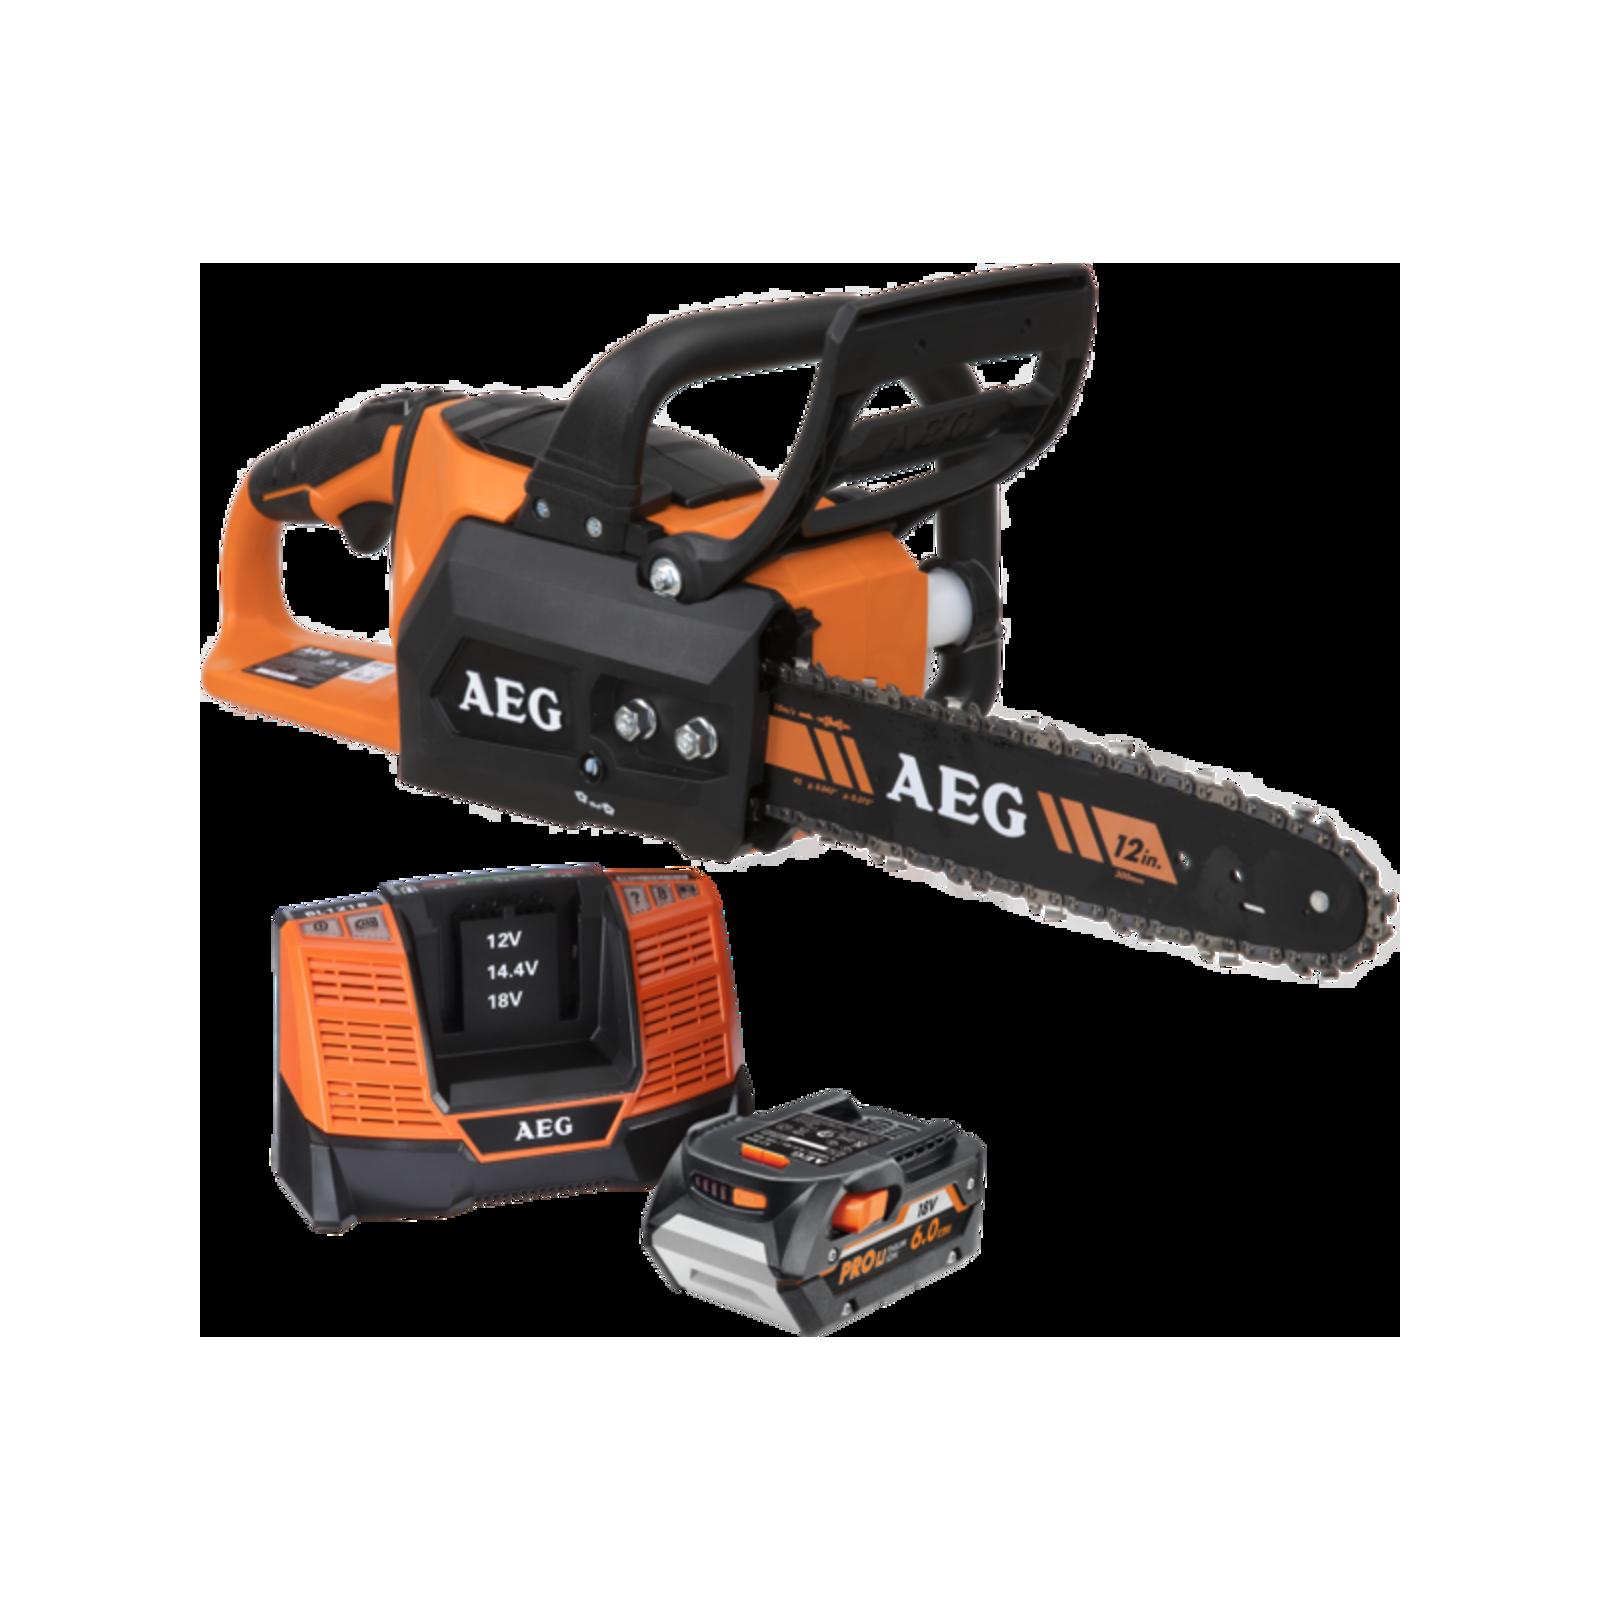 AEG 18V Brushless Chainsaw Kit